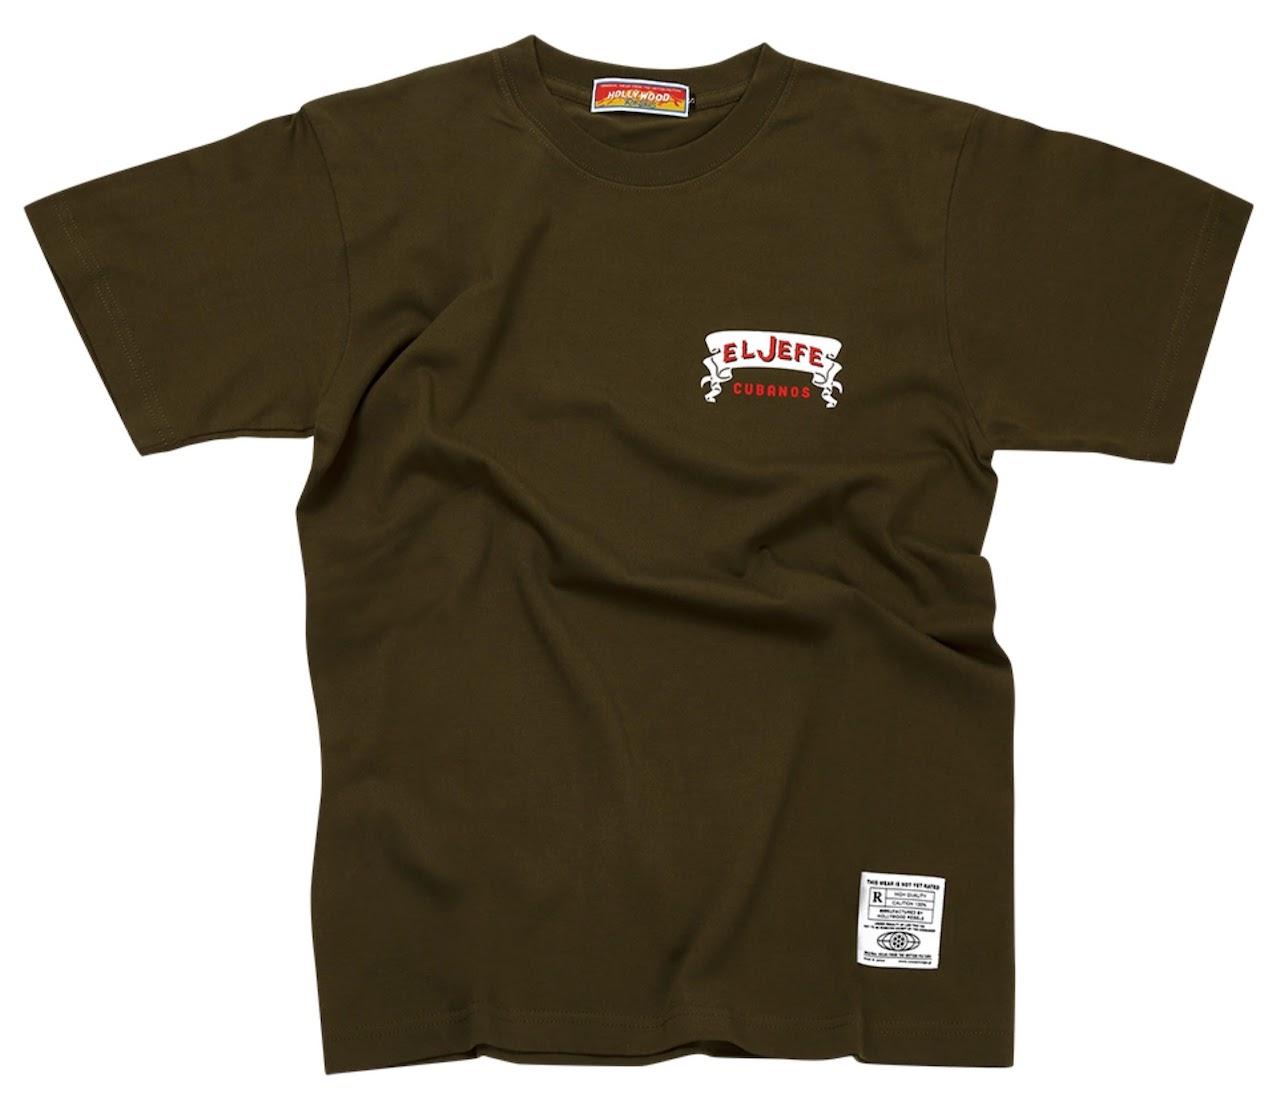 シェフフードトラックTシャツ